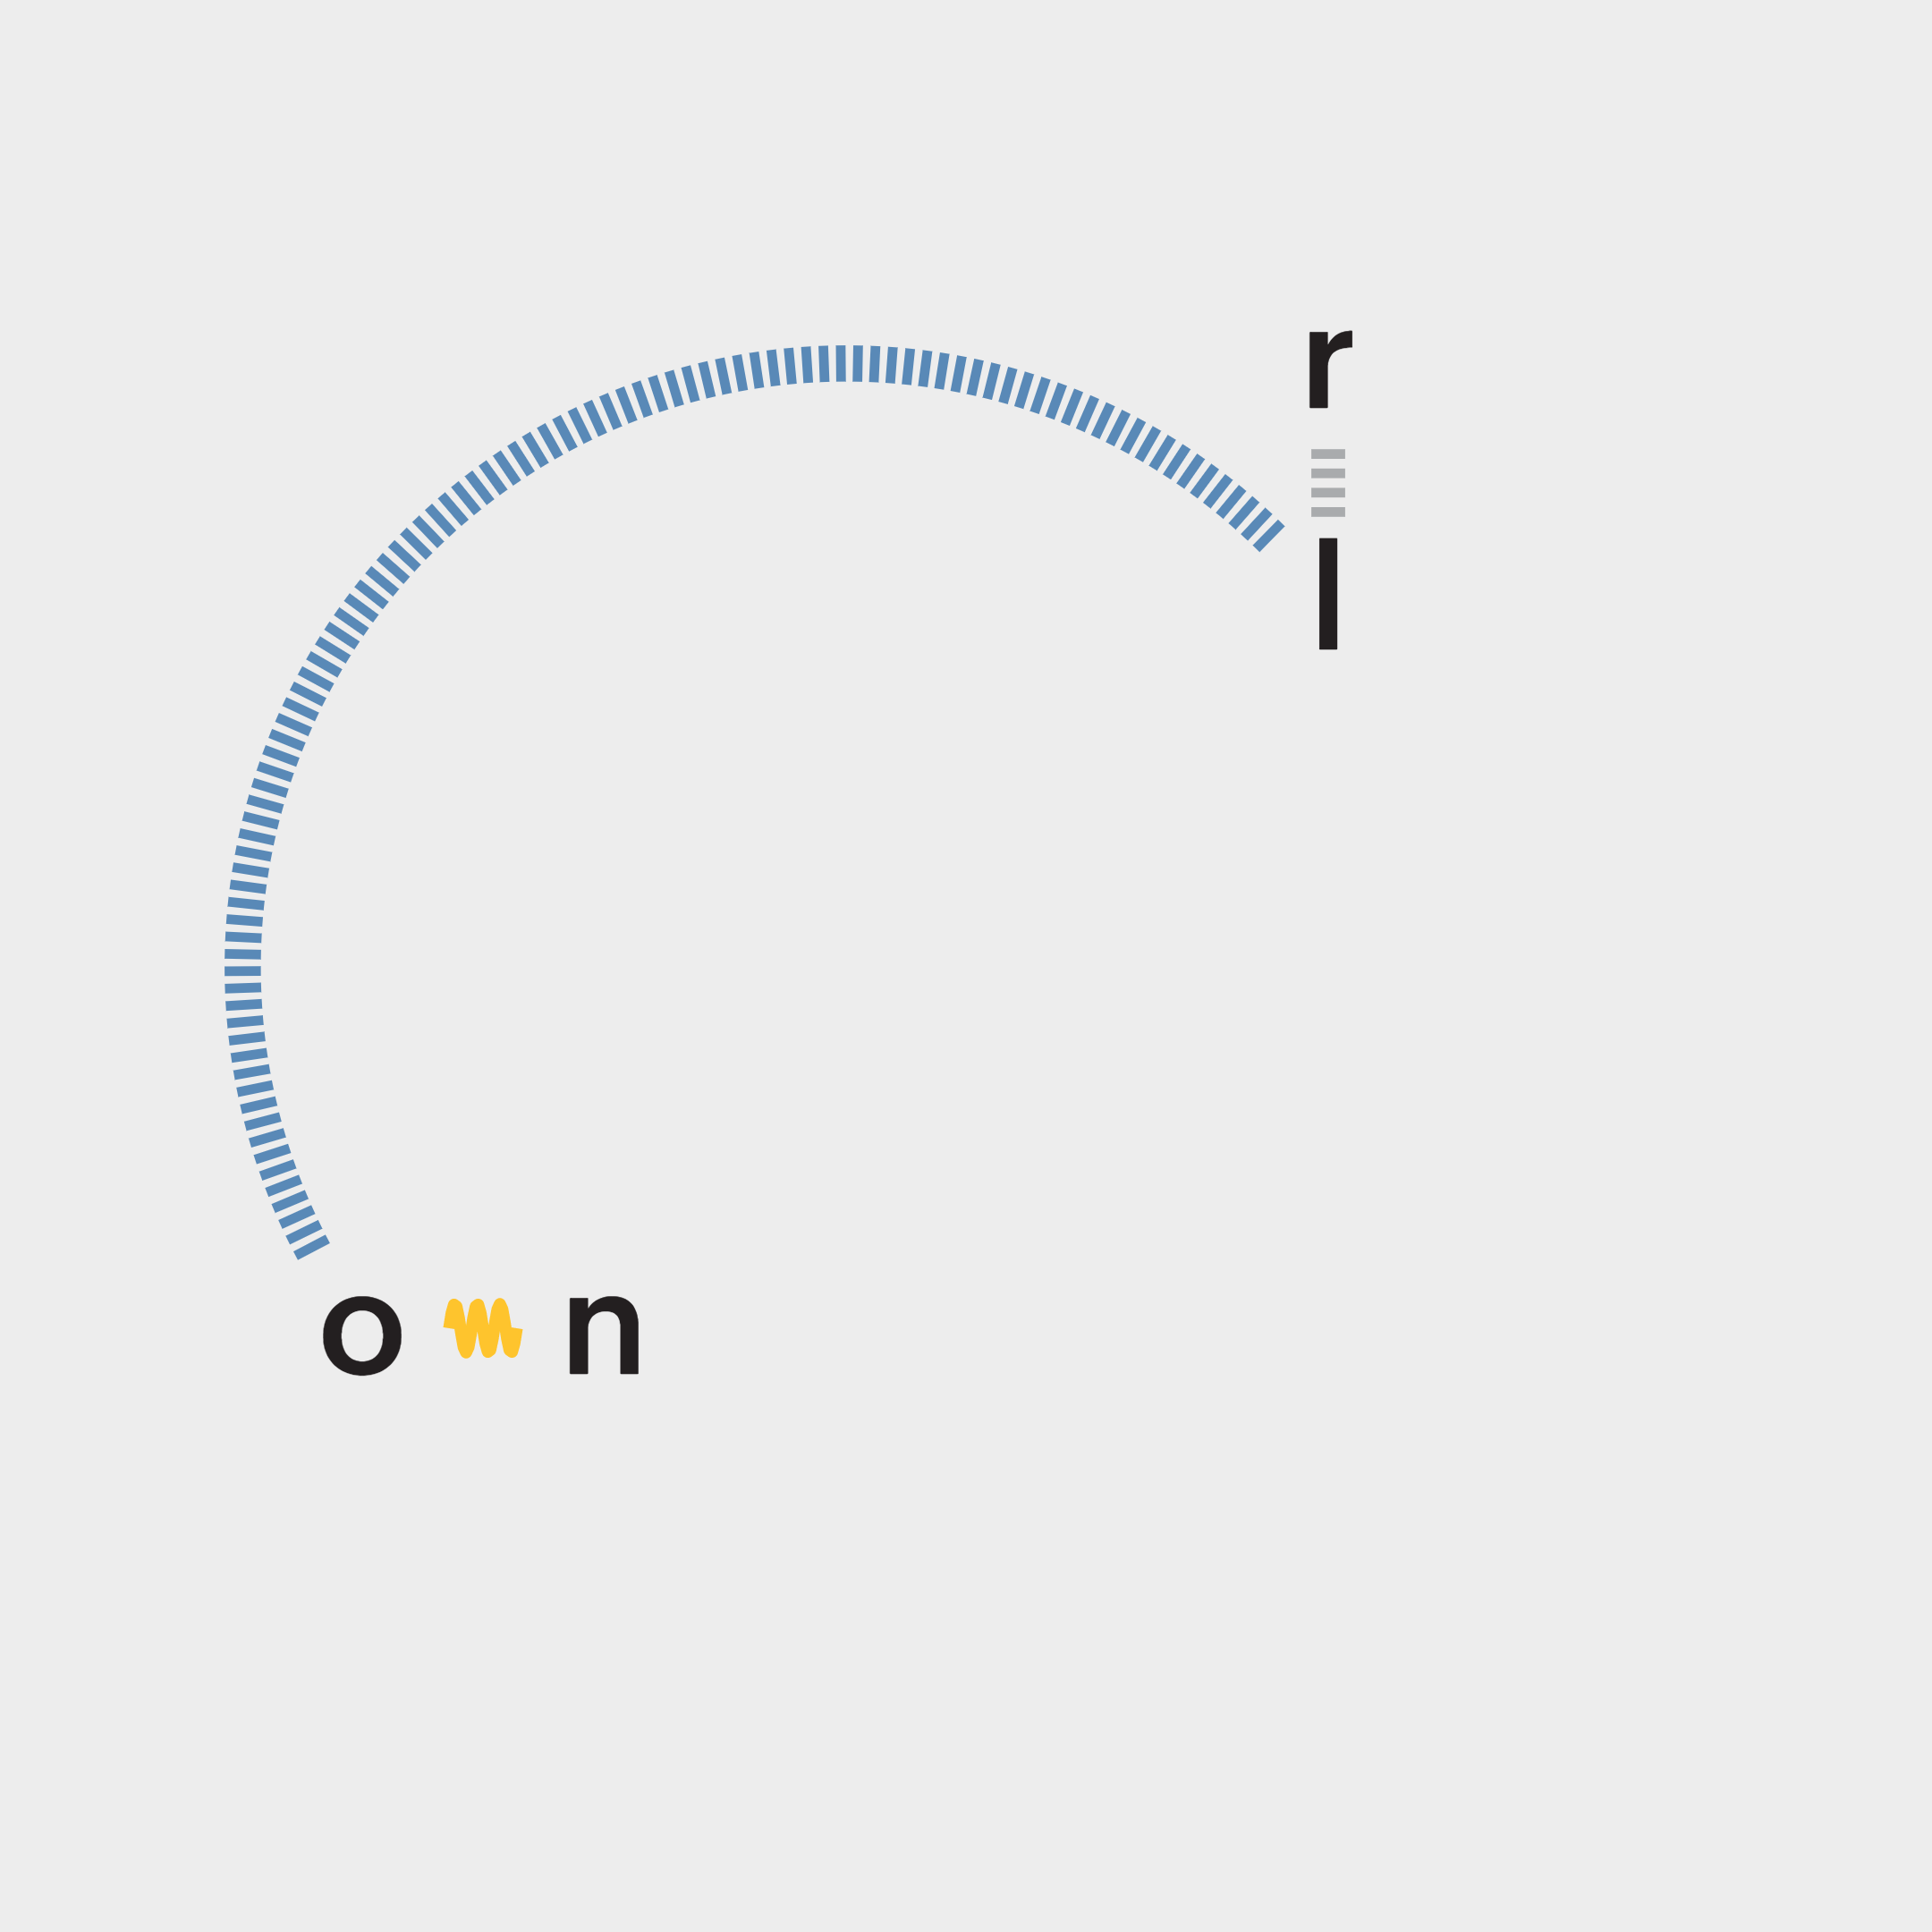 rlon_logo_132820.png